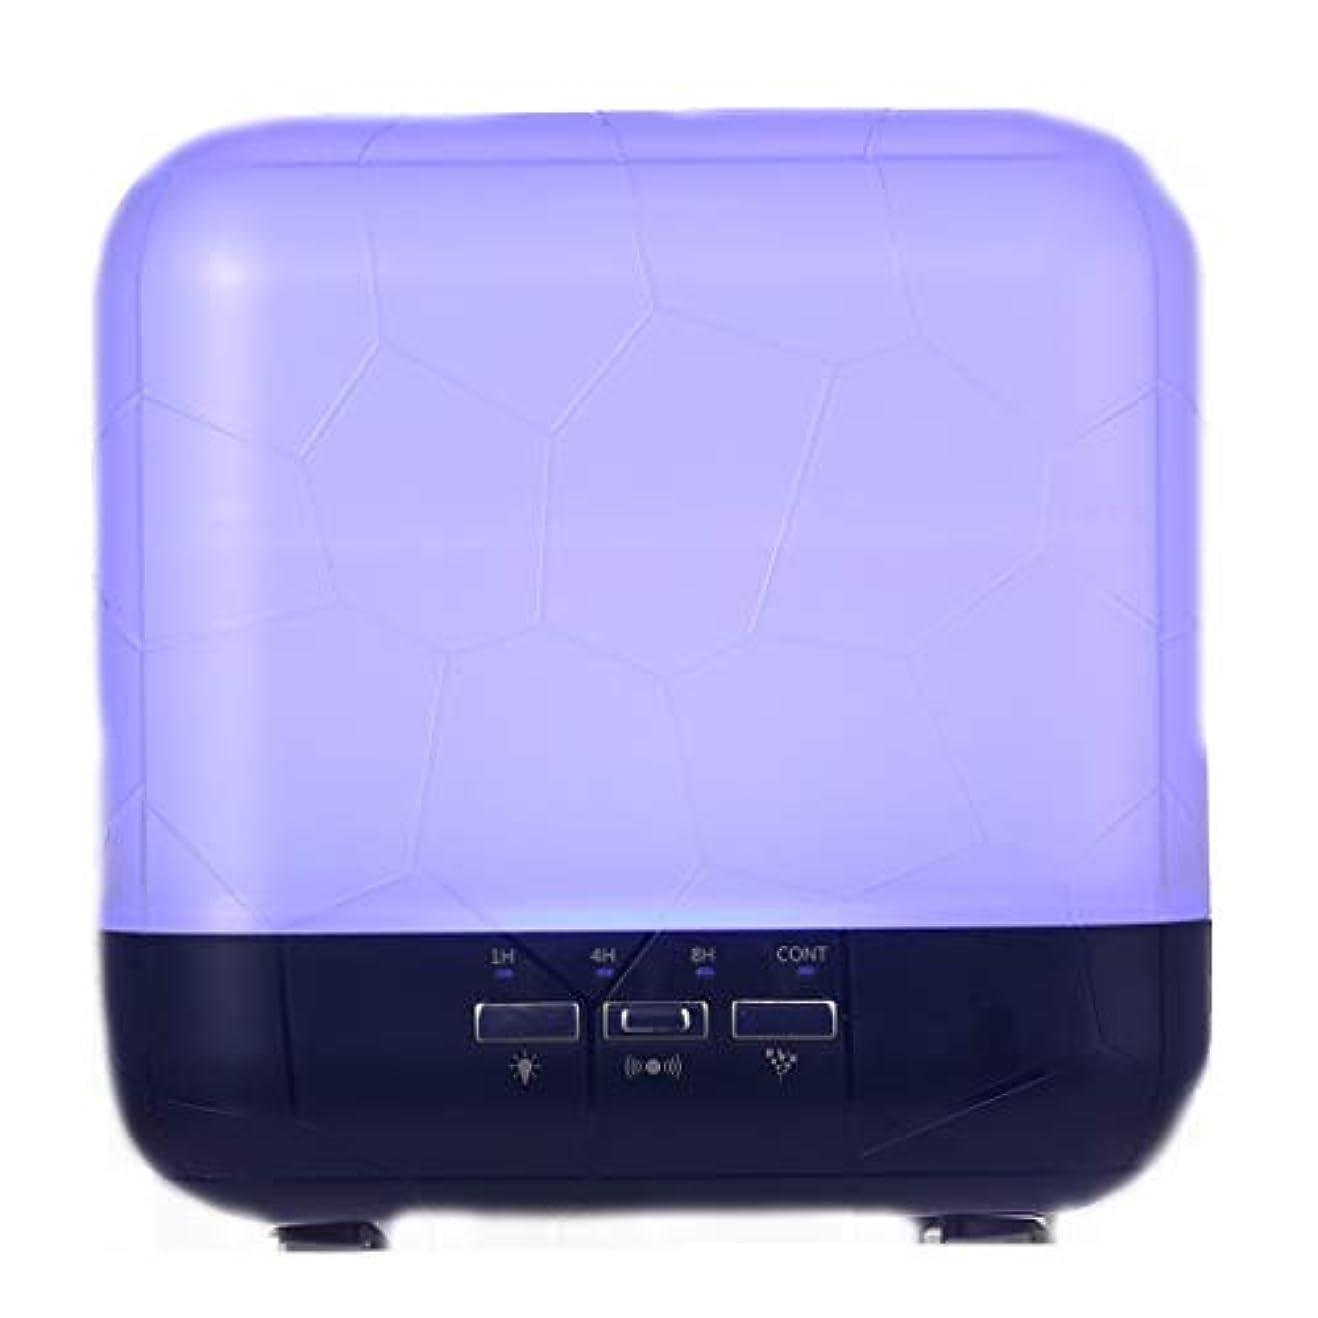 貧困作動する本物の拡散器、調節可能なミストモード、寝室/オフィス/旅行のためのアロマセラピー機械を離れた自動のHomeweeks 1000ml多彩な精油の拡散器 (Color : Purple)